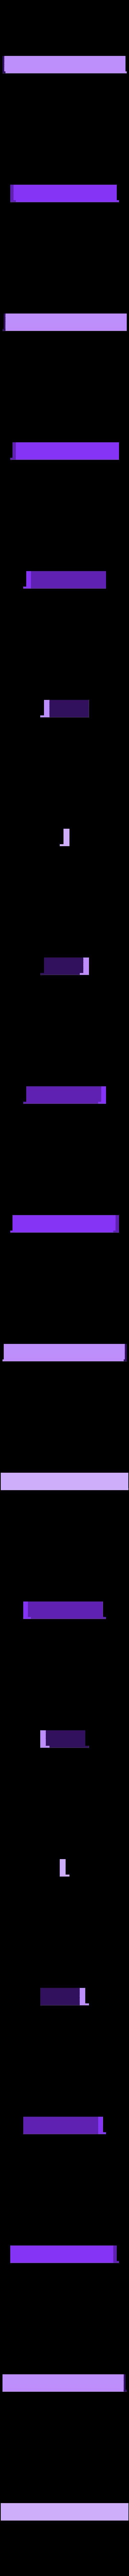 front_support.stl Télécharger fichier SCAD gratuit Support pour ordinateur portable • Plan pour imprimante 3D, trg3dp